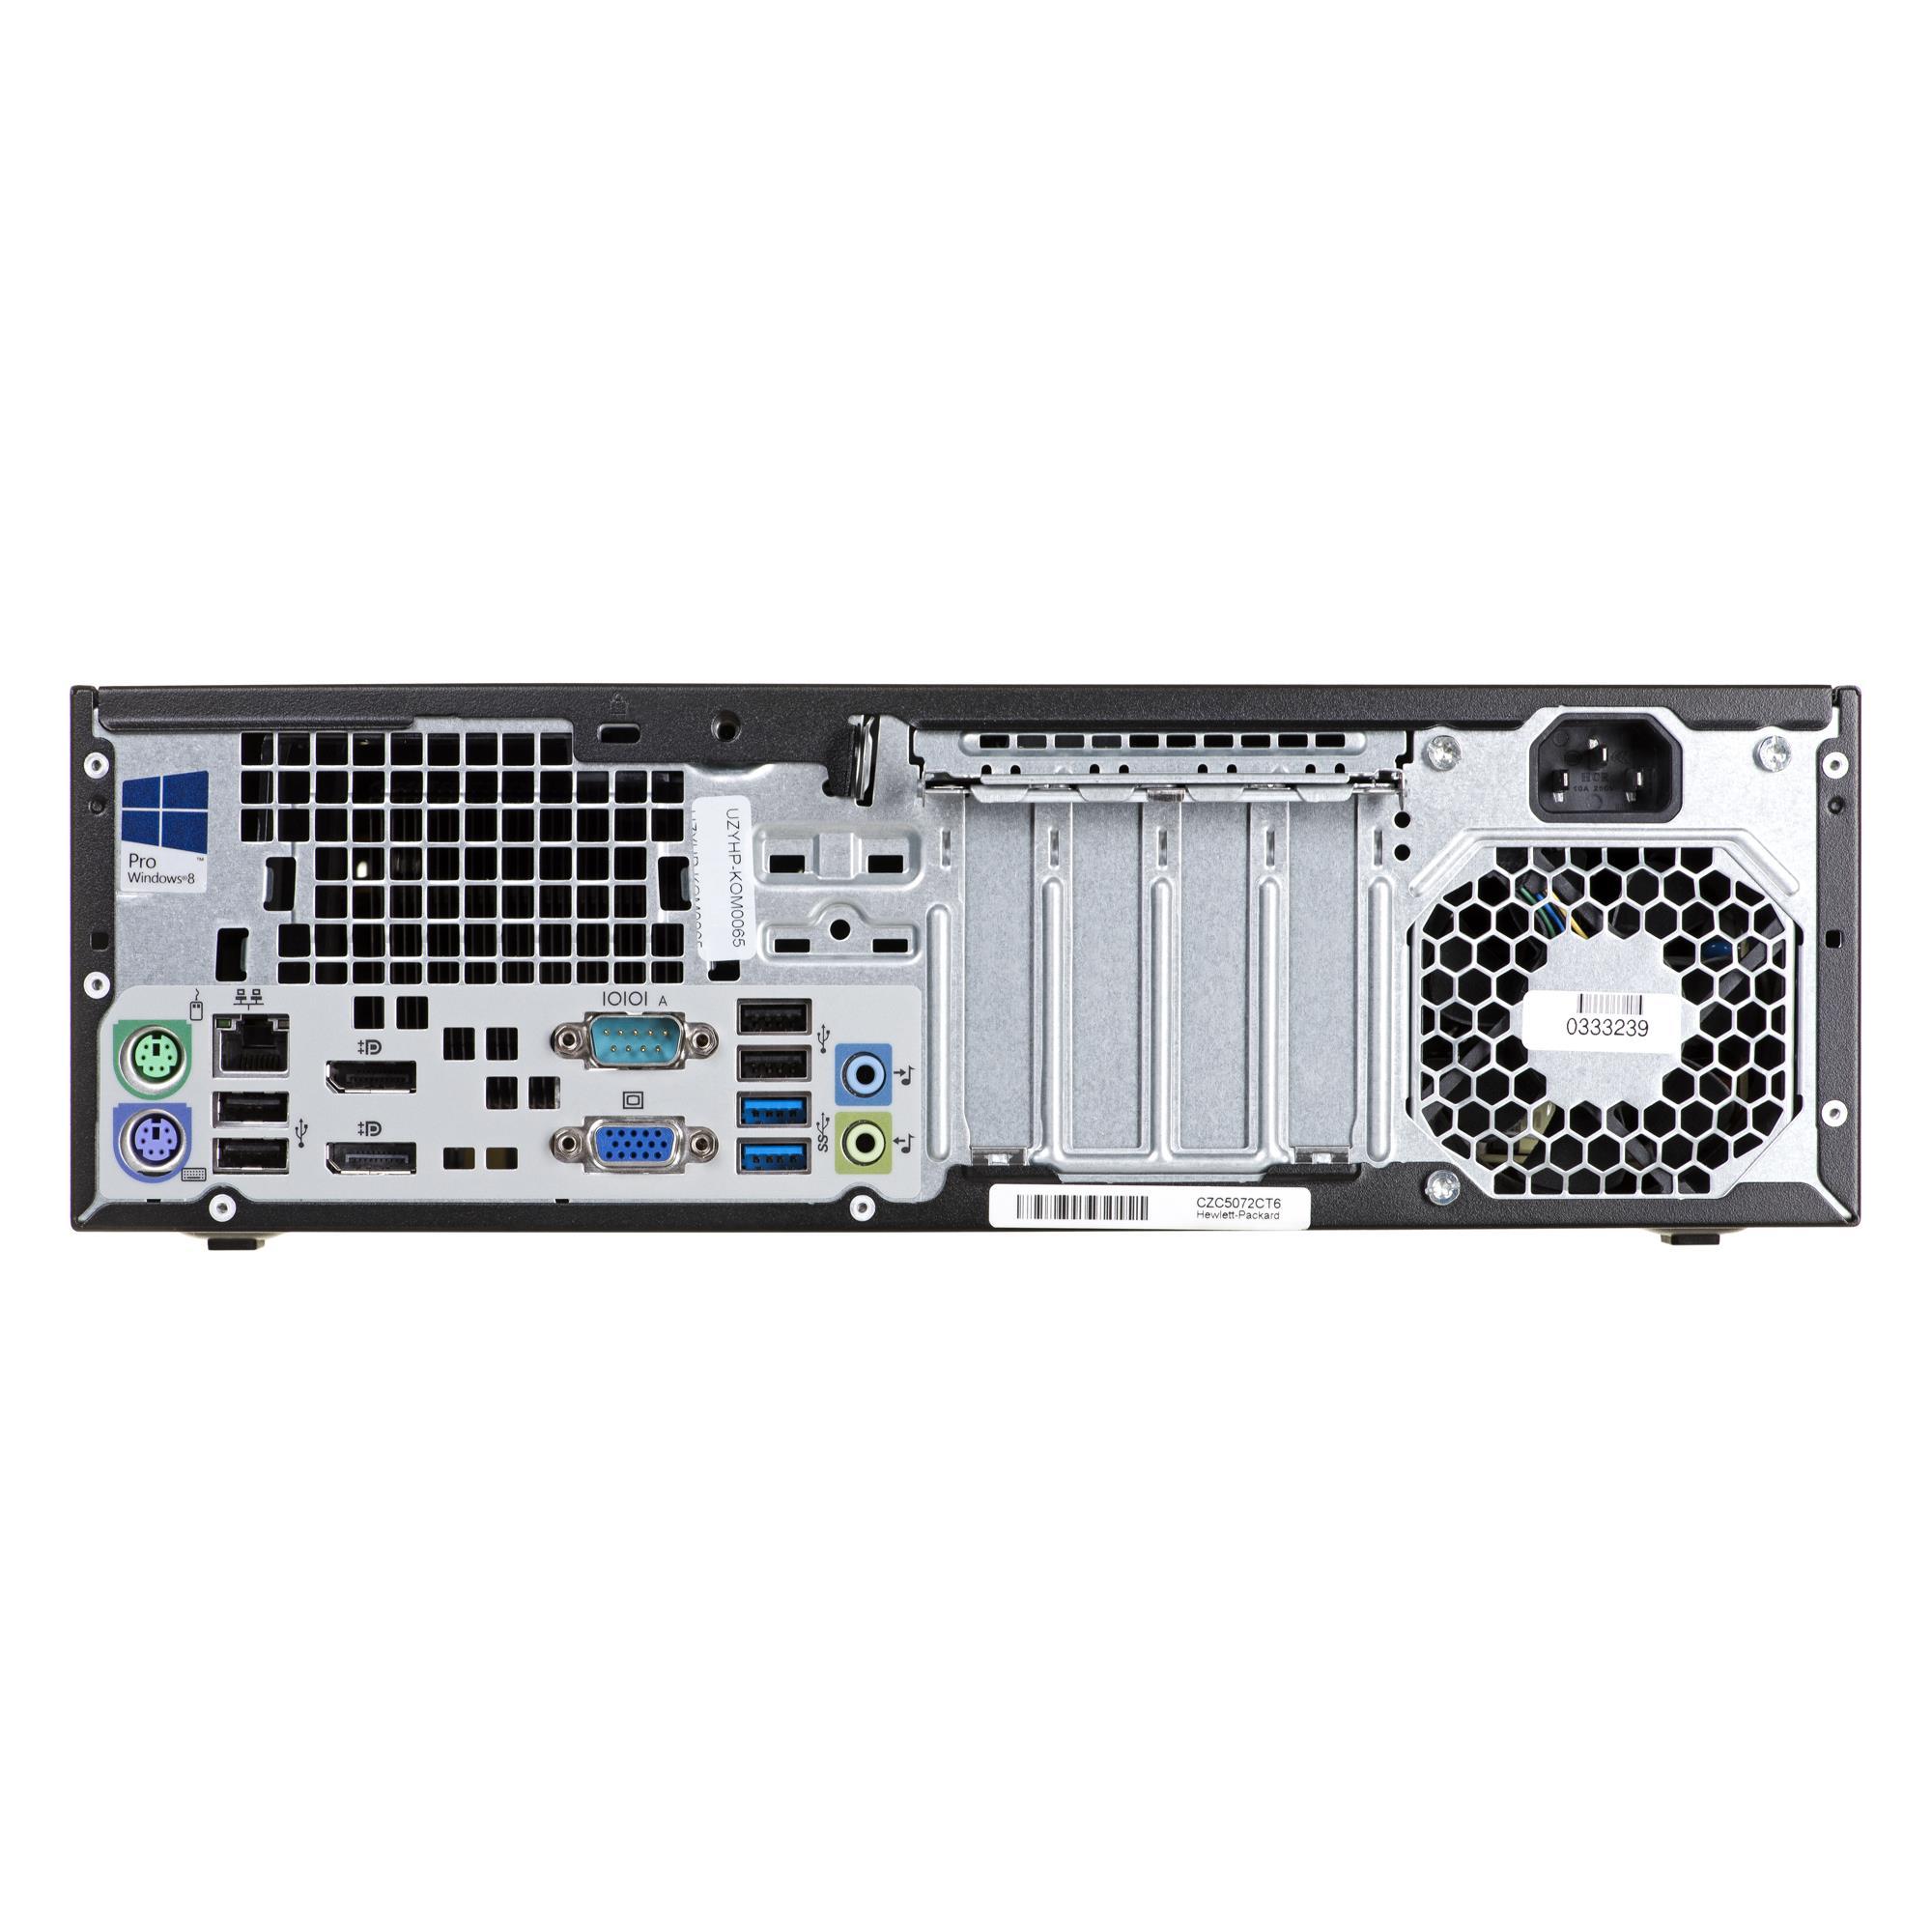 HP ELITE 800 G1 i5-4570 8GB 120GB SSD DVDRW SFF Win8Pro UZYWANY Defektīvi - neejoši datori (bez garantijas, pēc specpasūtijuma)